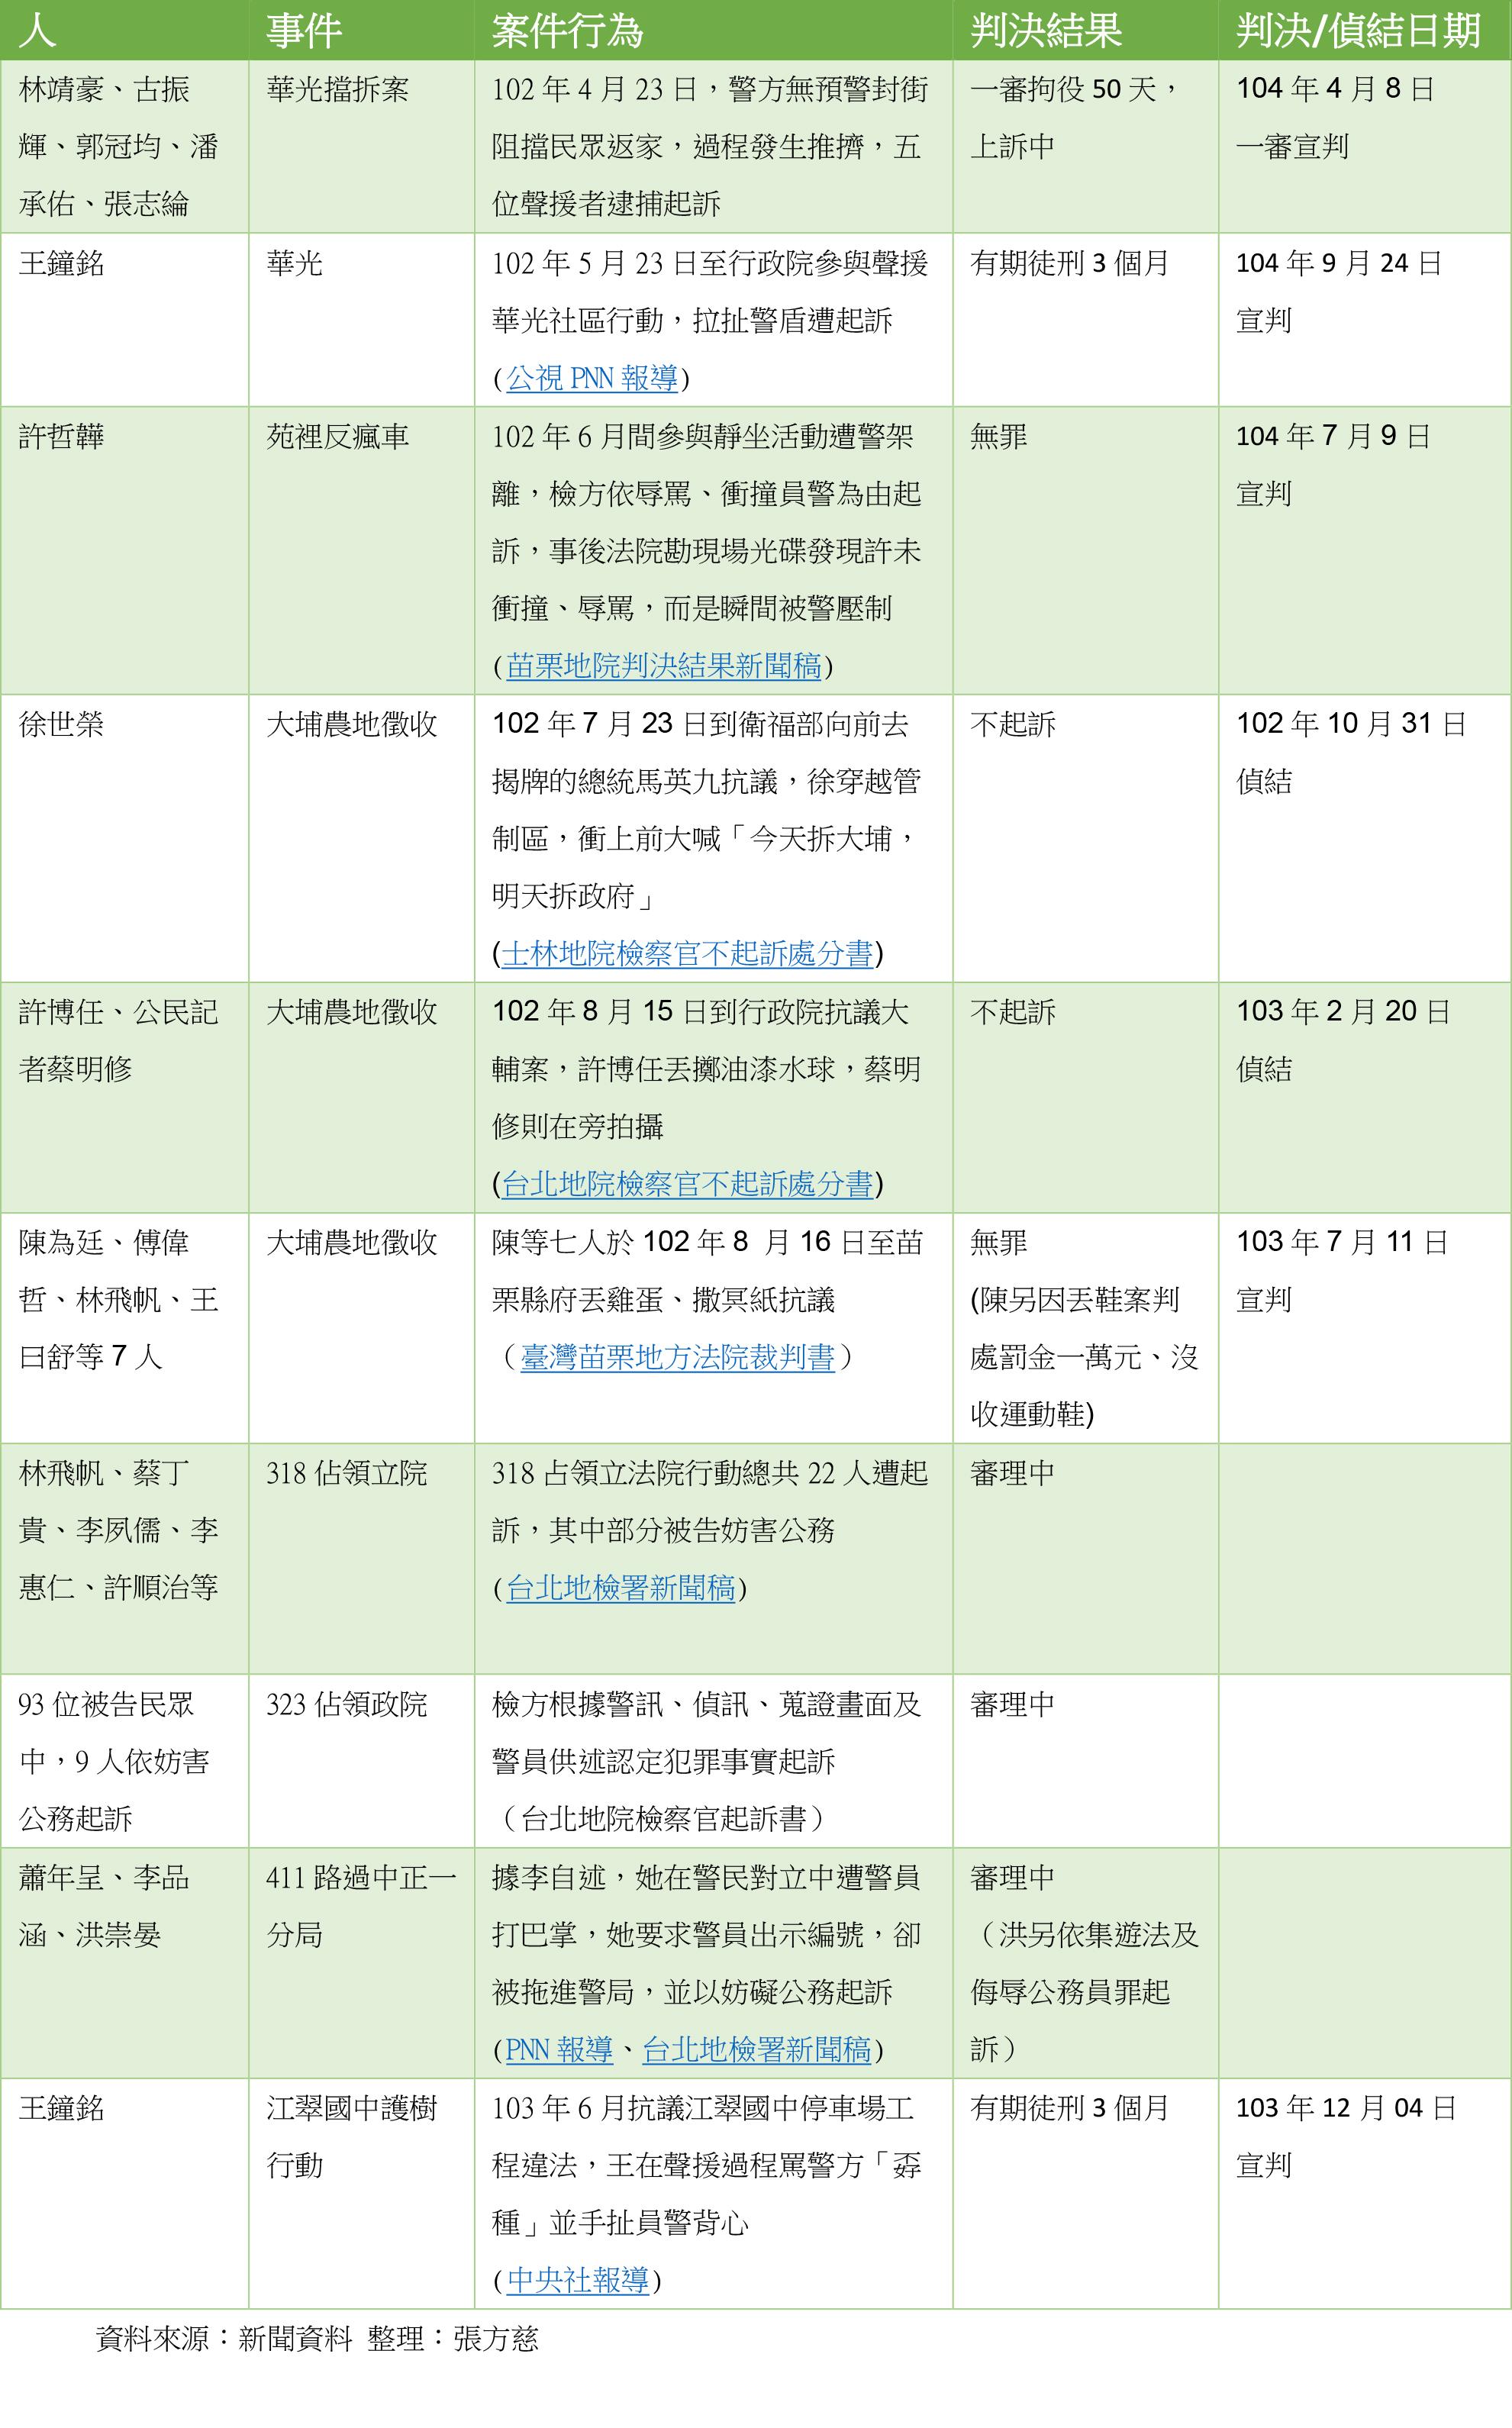 近來來社運者被依妨礙公務罪逮捕、起訴之案例(製表:張方慈 資料來源:新聞資料、地方法院起訴書)